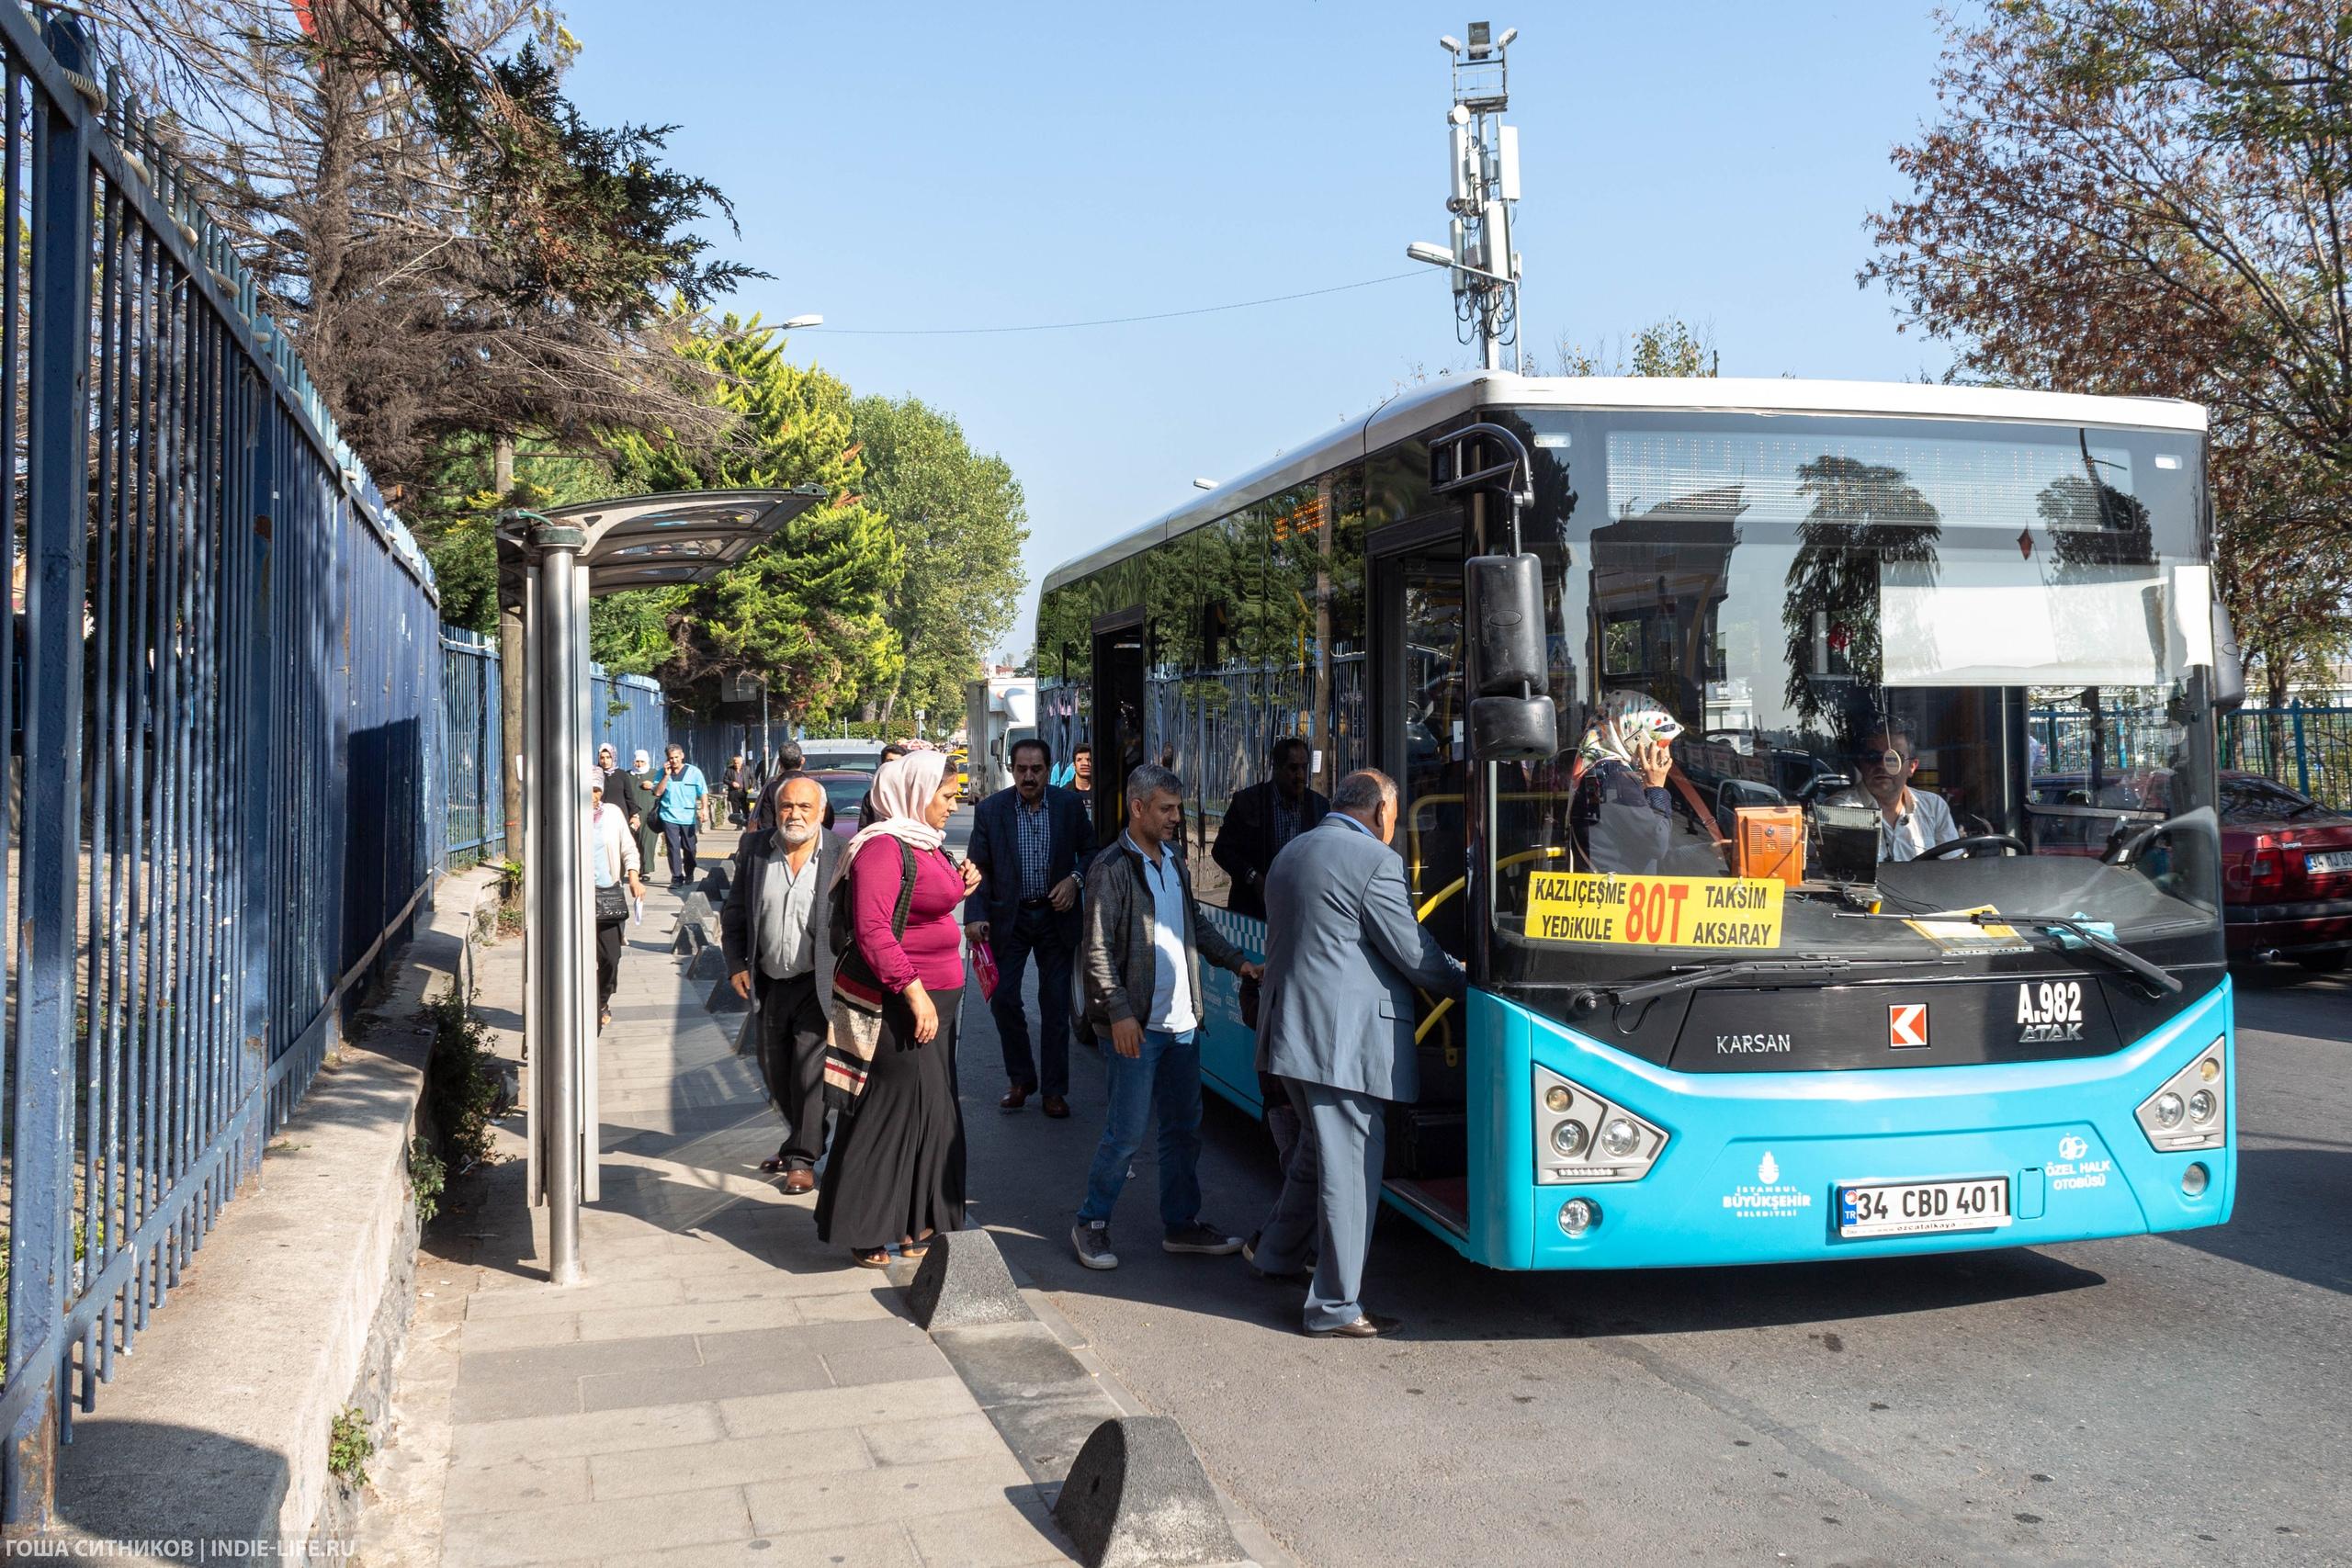 Стамбульский автобус